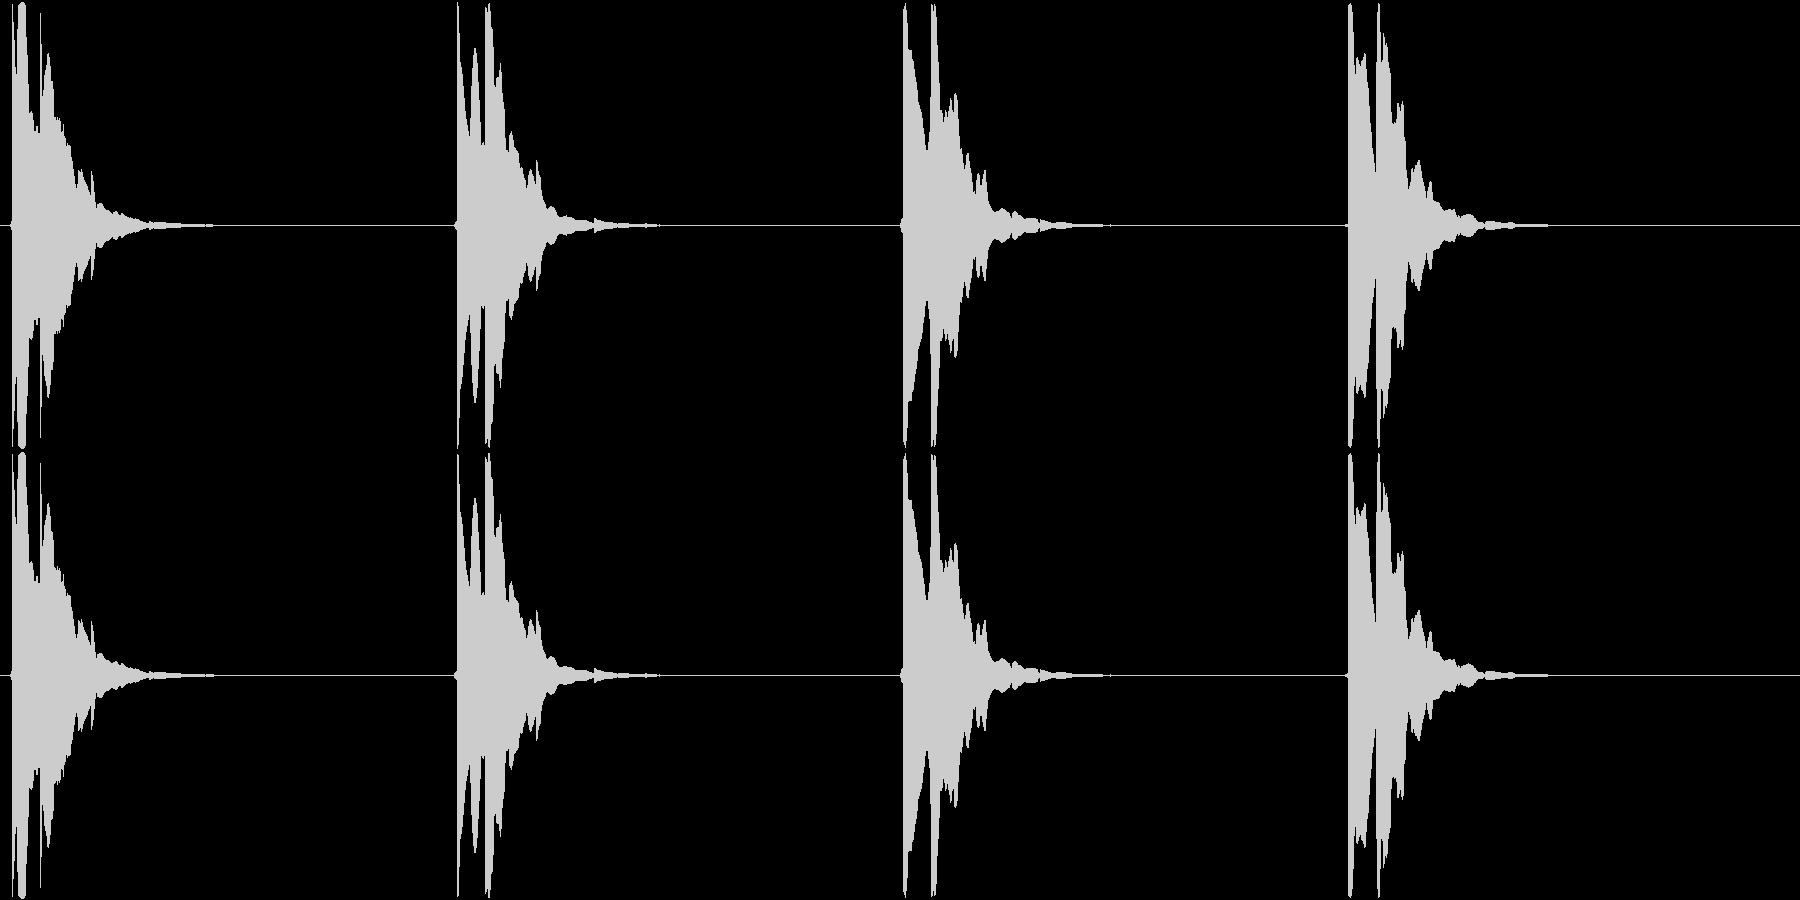 ピコン・・・ピコン(矢印、目的地、点滅)の未再生の波形